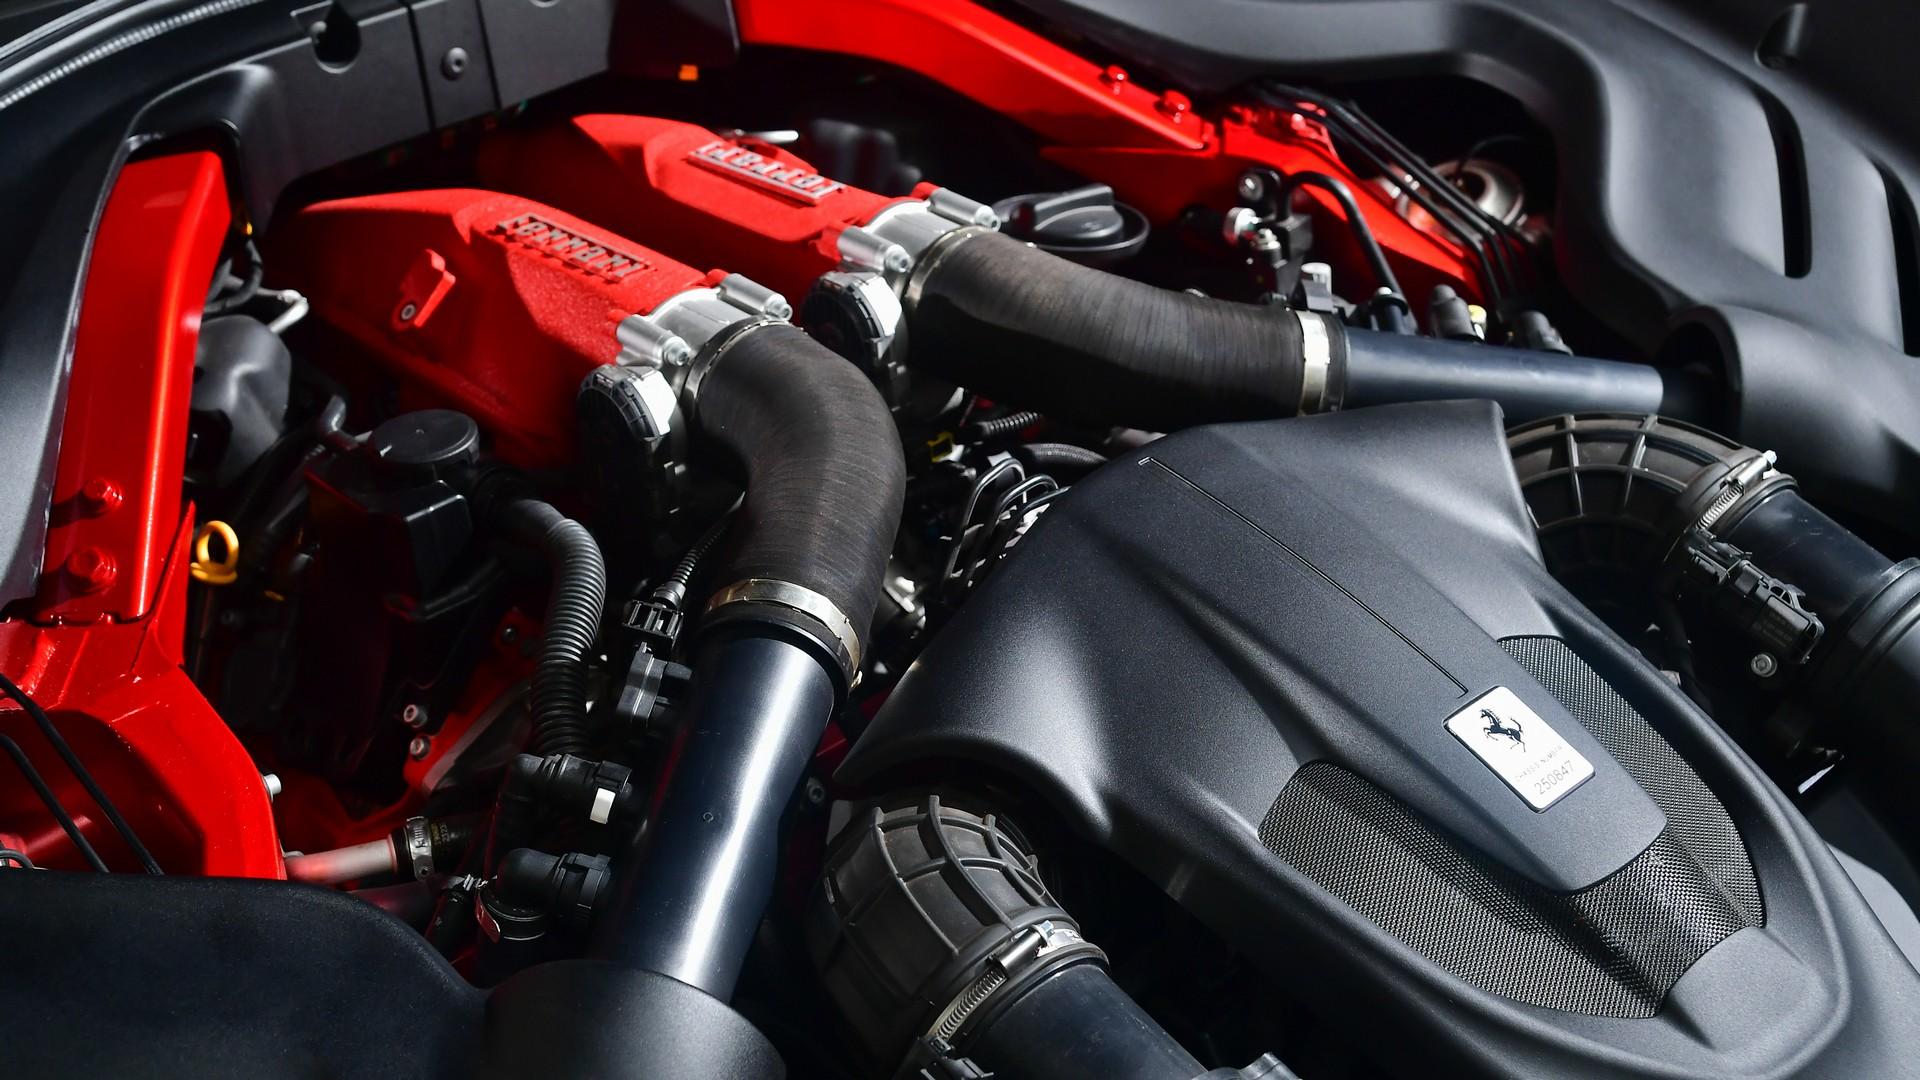 Битурбо V8 двигатель (3.9 литра и 620 л.с.)